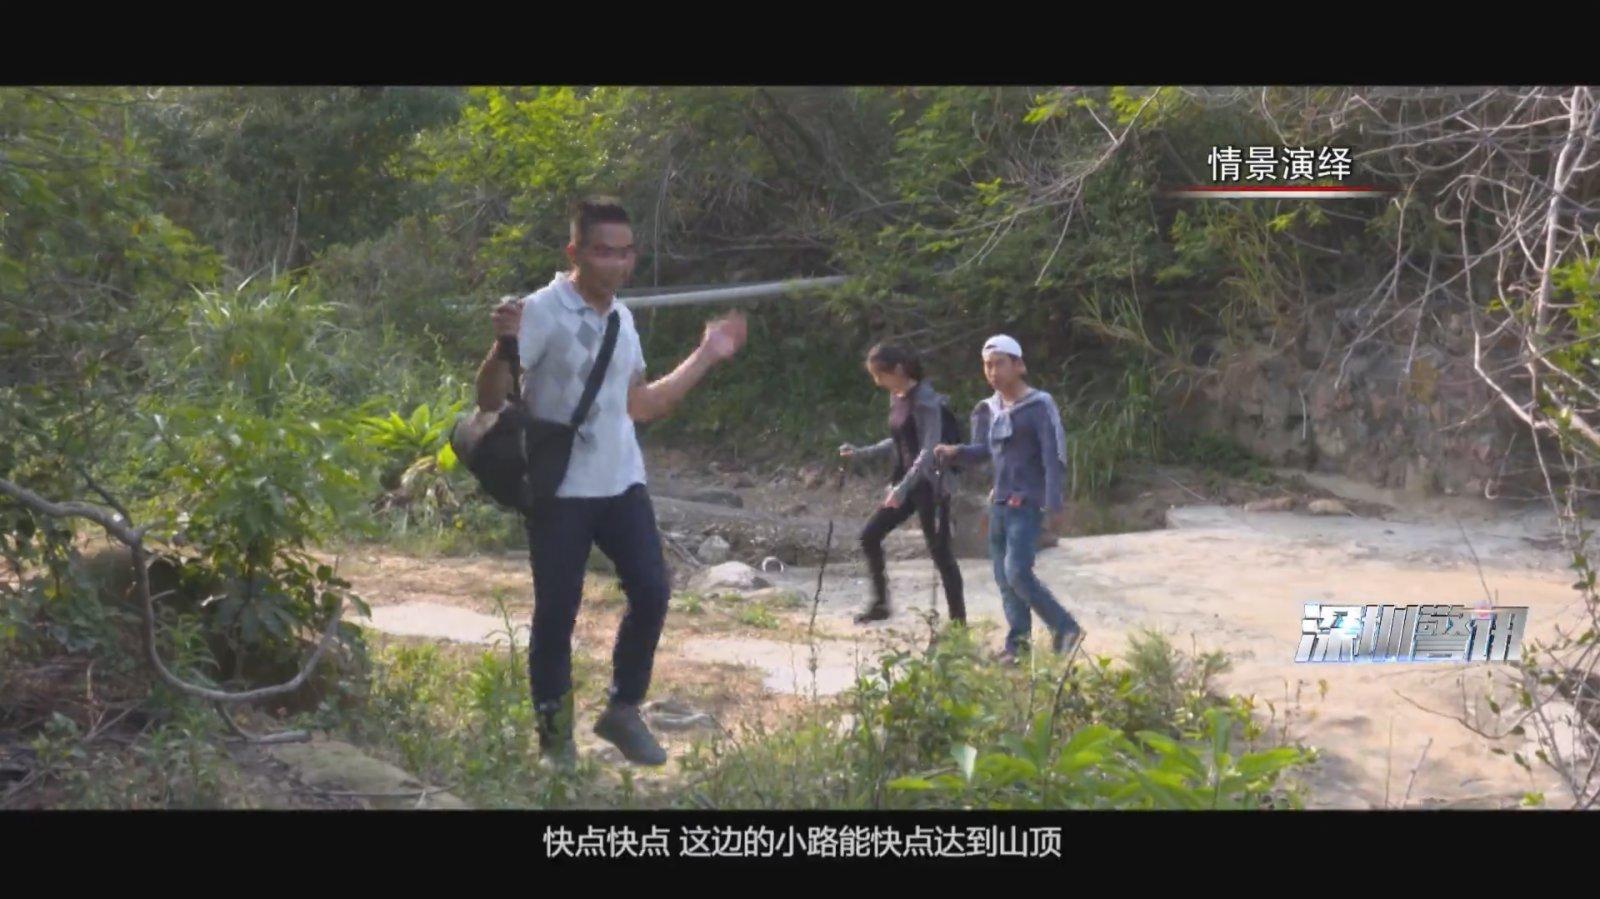 深圳警訊:誰將他們推向懸崖?